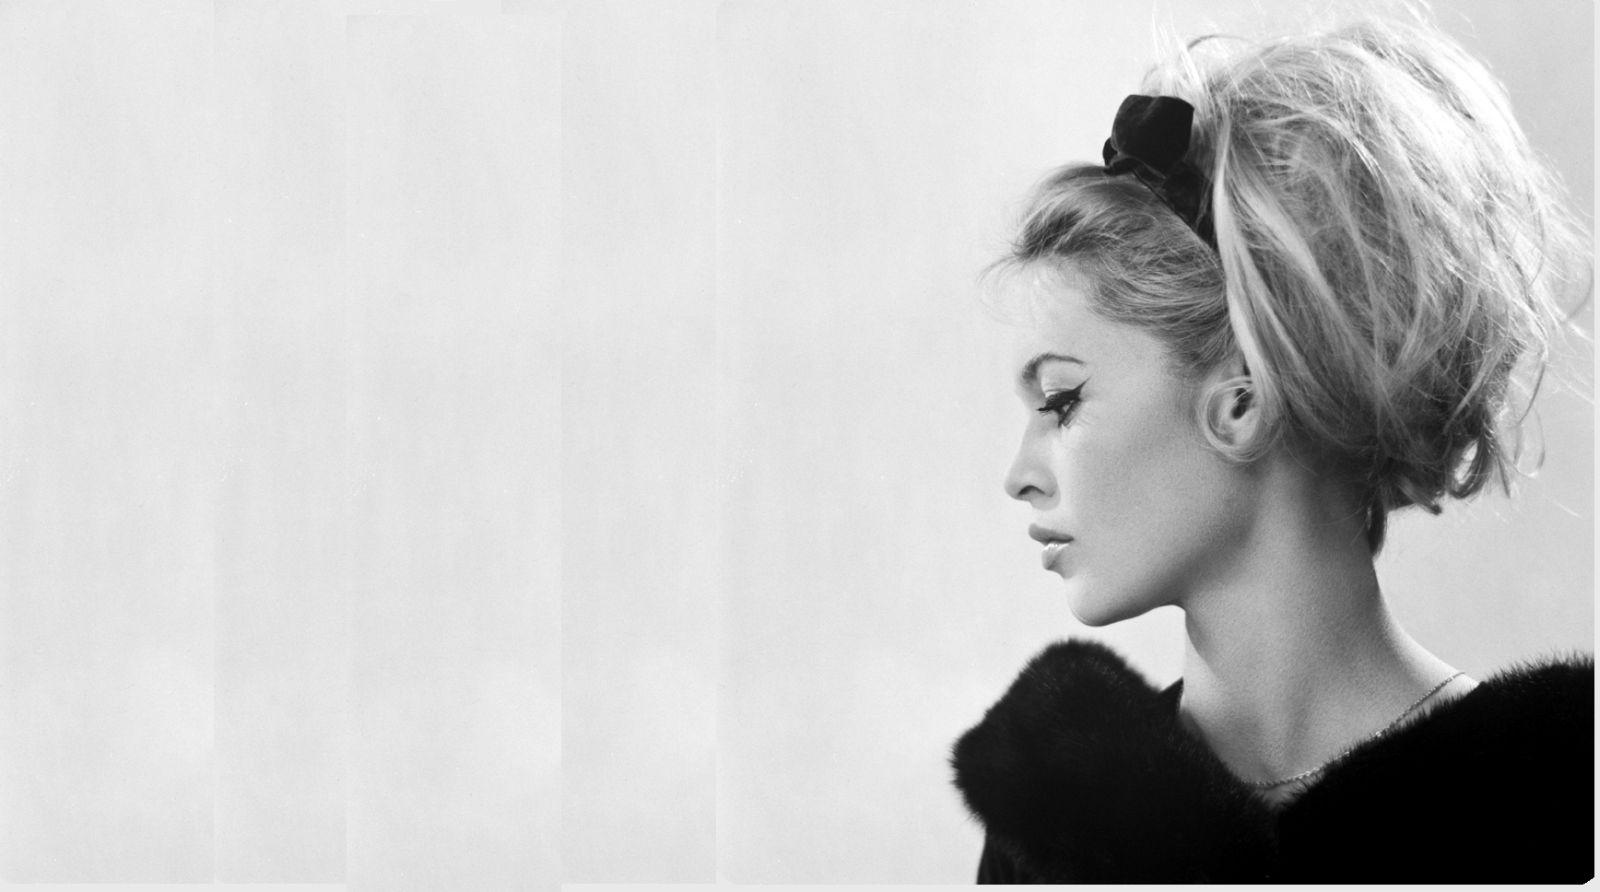 Acconciatura alla Brigitte Bardot con la fascia per i capelli